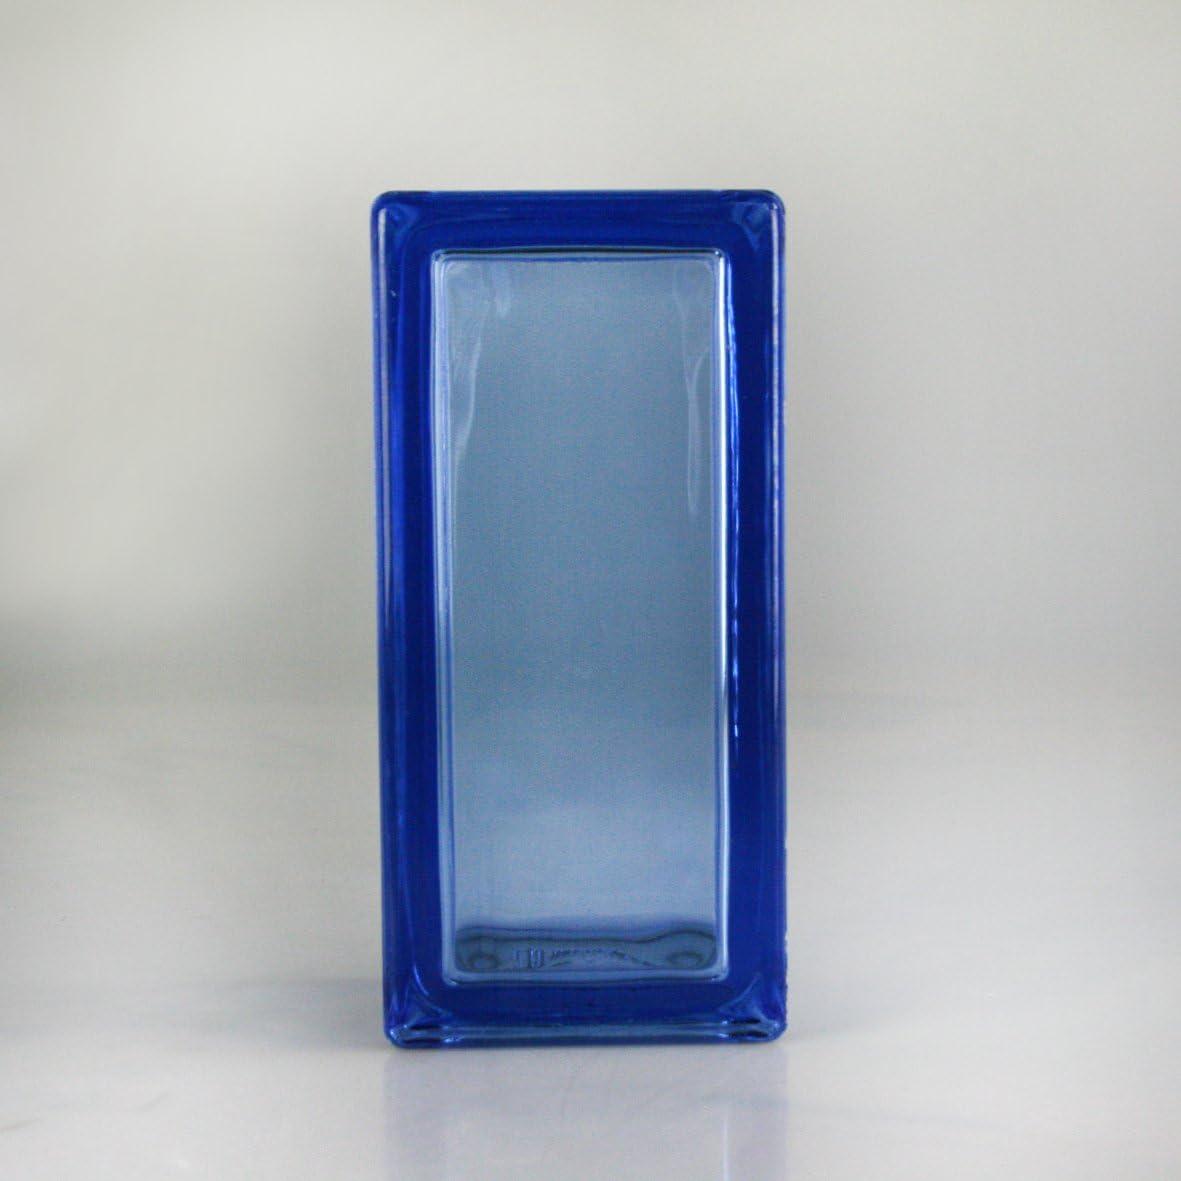 12 piezas Vetra Bloques de vidrio Vista completa Azul 19x9x8 cm - (Medio Bloques de vidrio) sin colores: Amazon.es: Bricolaje y herramientas